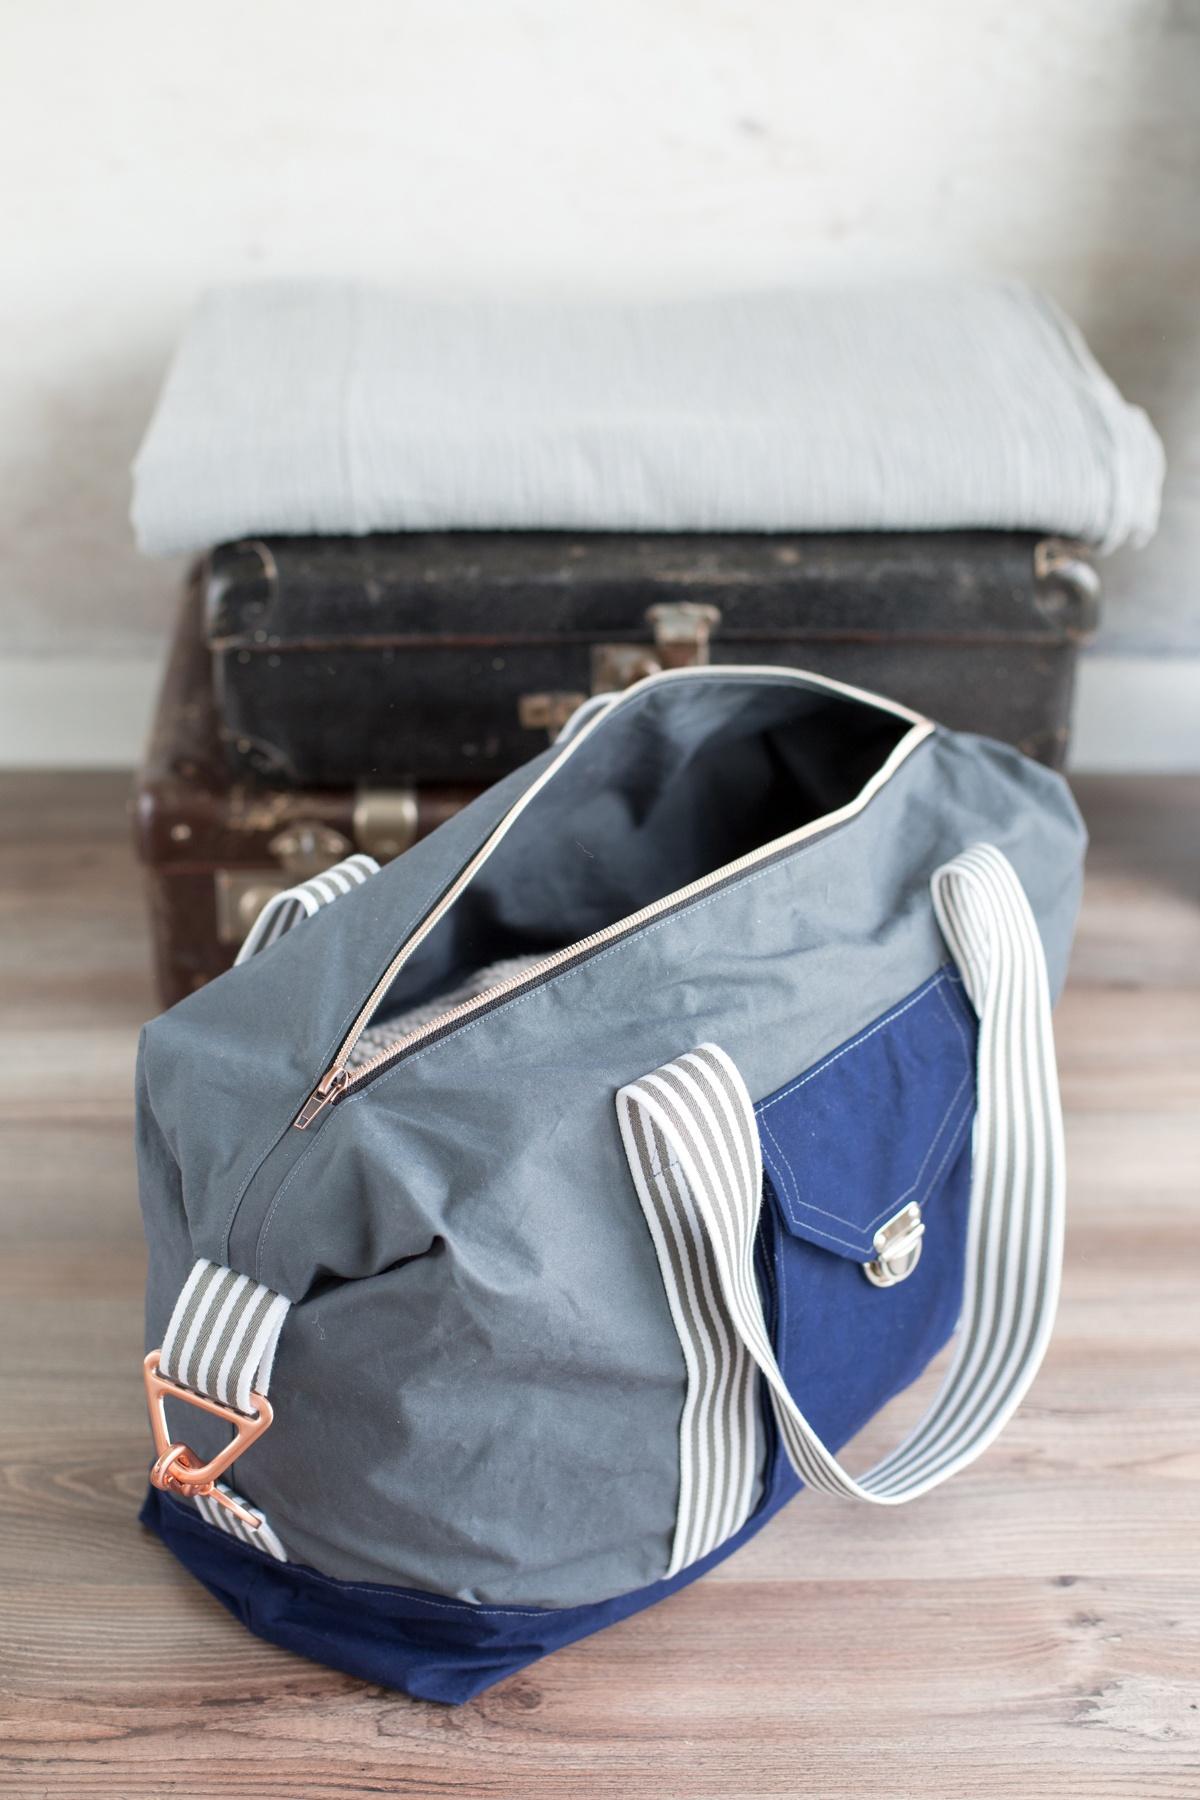 36ccf452456b1 Die Jetset Tasche des Taschenspieler 4 - für den Taschenspieler 4 Sew Along  bei Frühstück bei